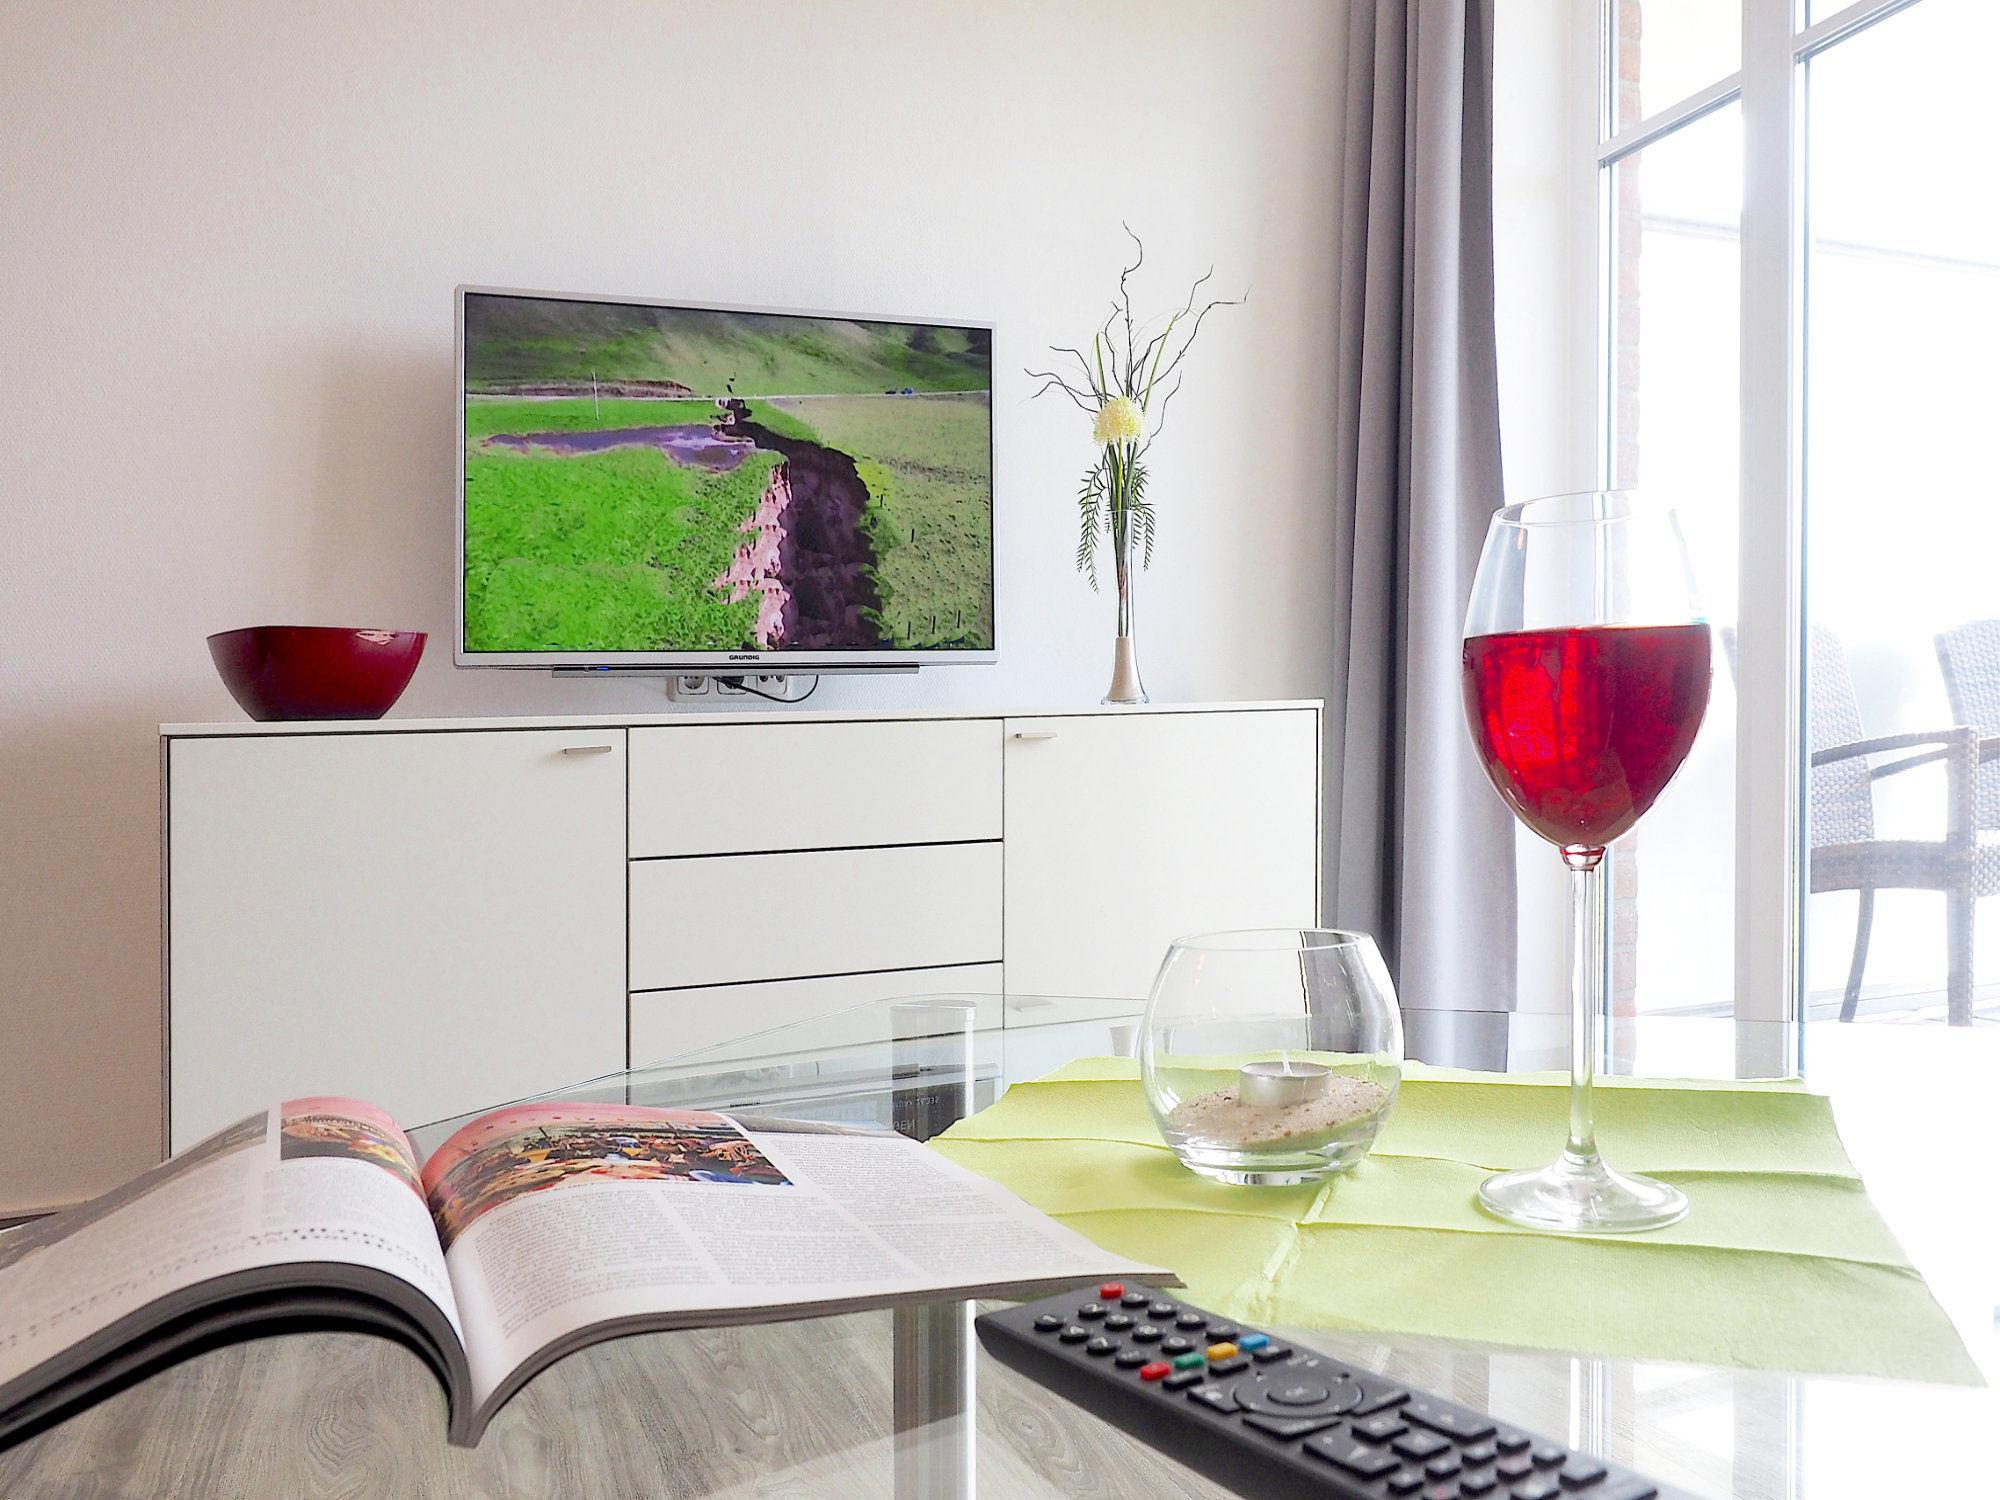 Wohnzimmer Sideboard mit Flatscreen-TV, im Vordergrund Glastisch